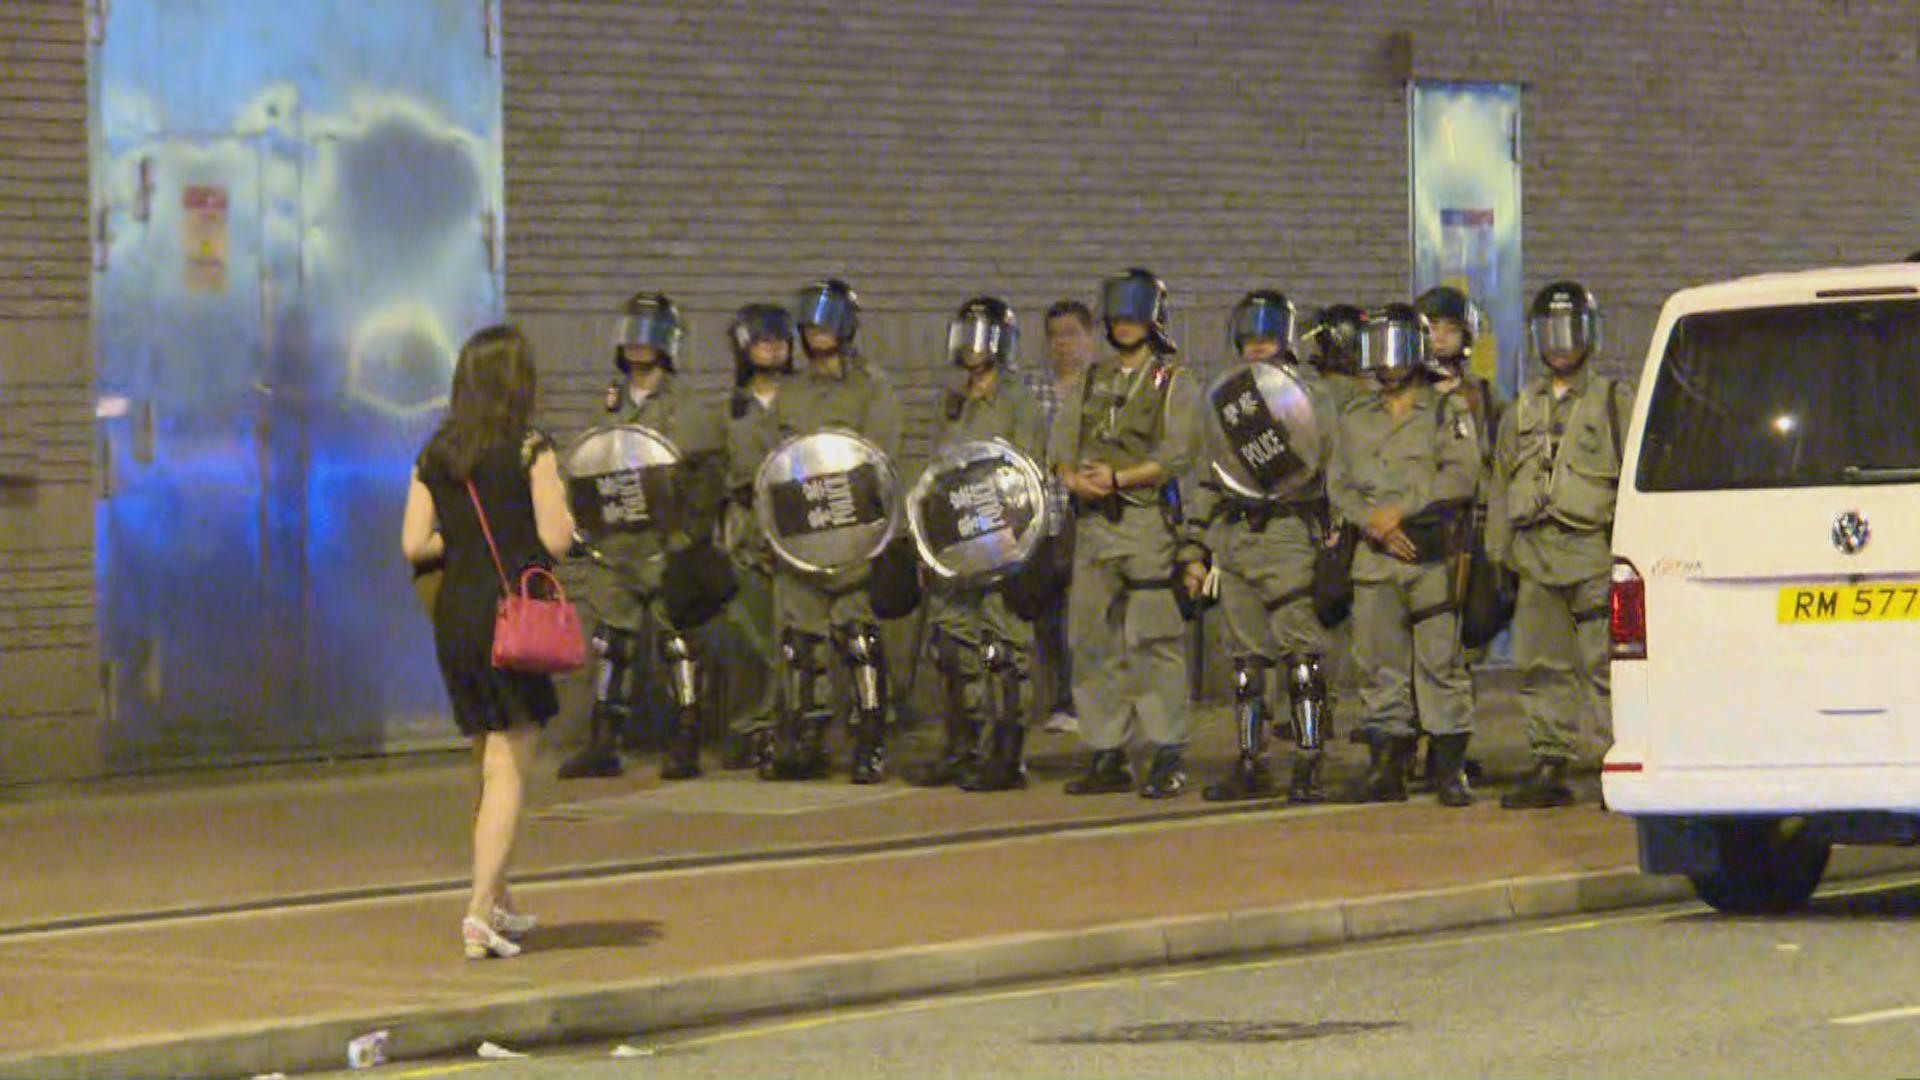 有市民紅磡聚集 警方一度藍旗警告